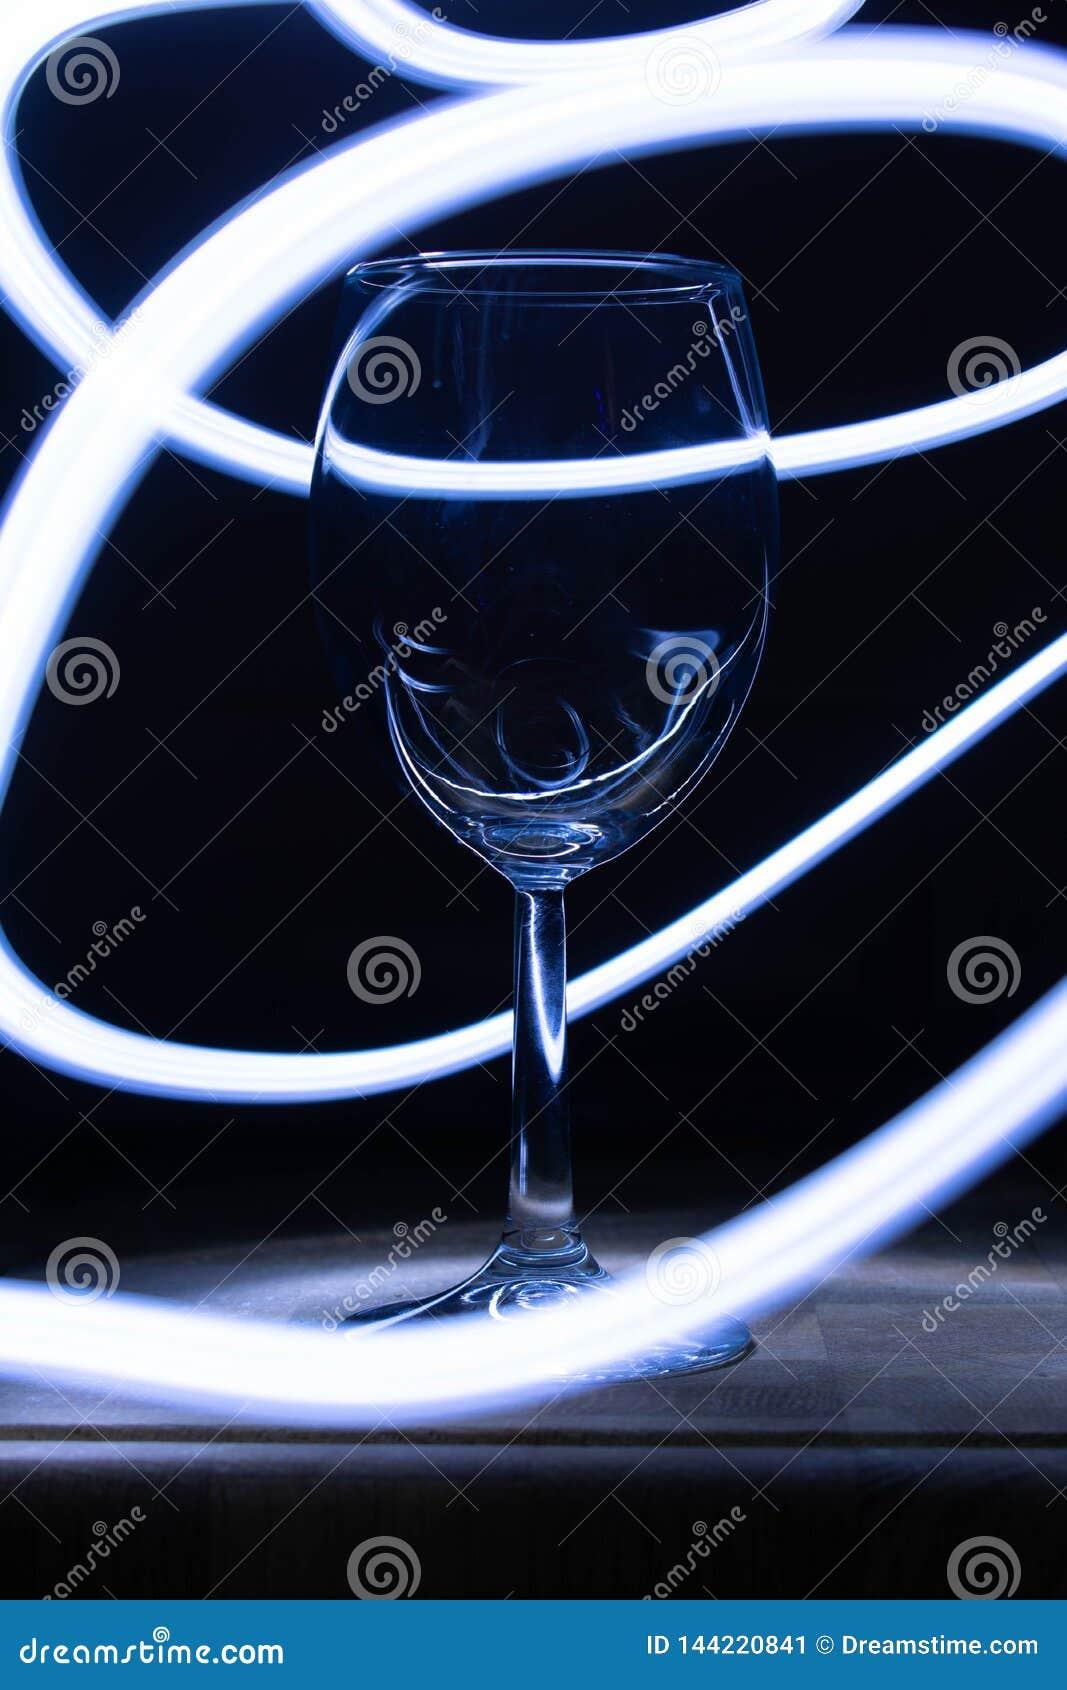 Weinglas auf einer Tabelle im Blaulicht